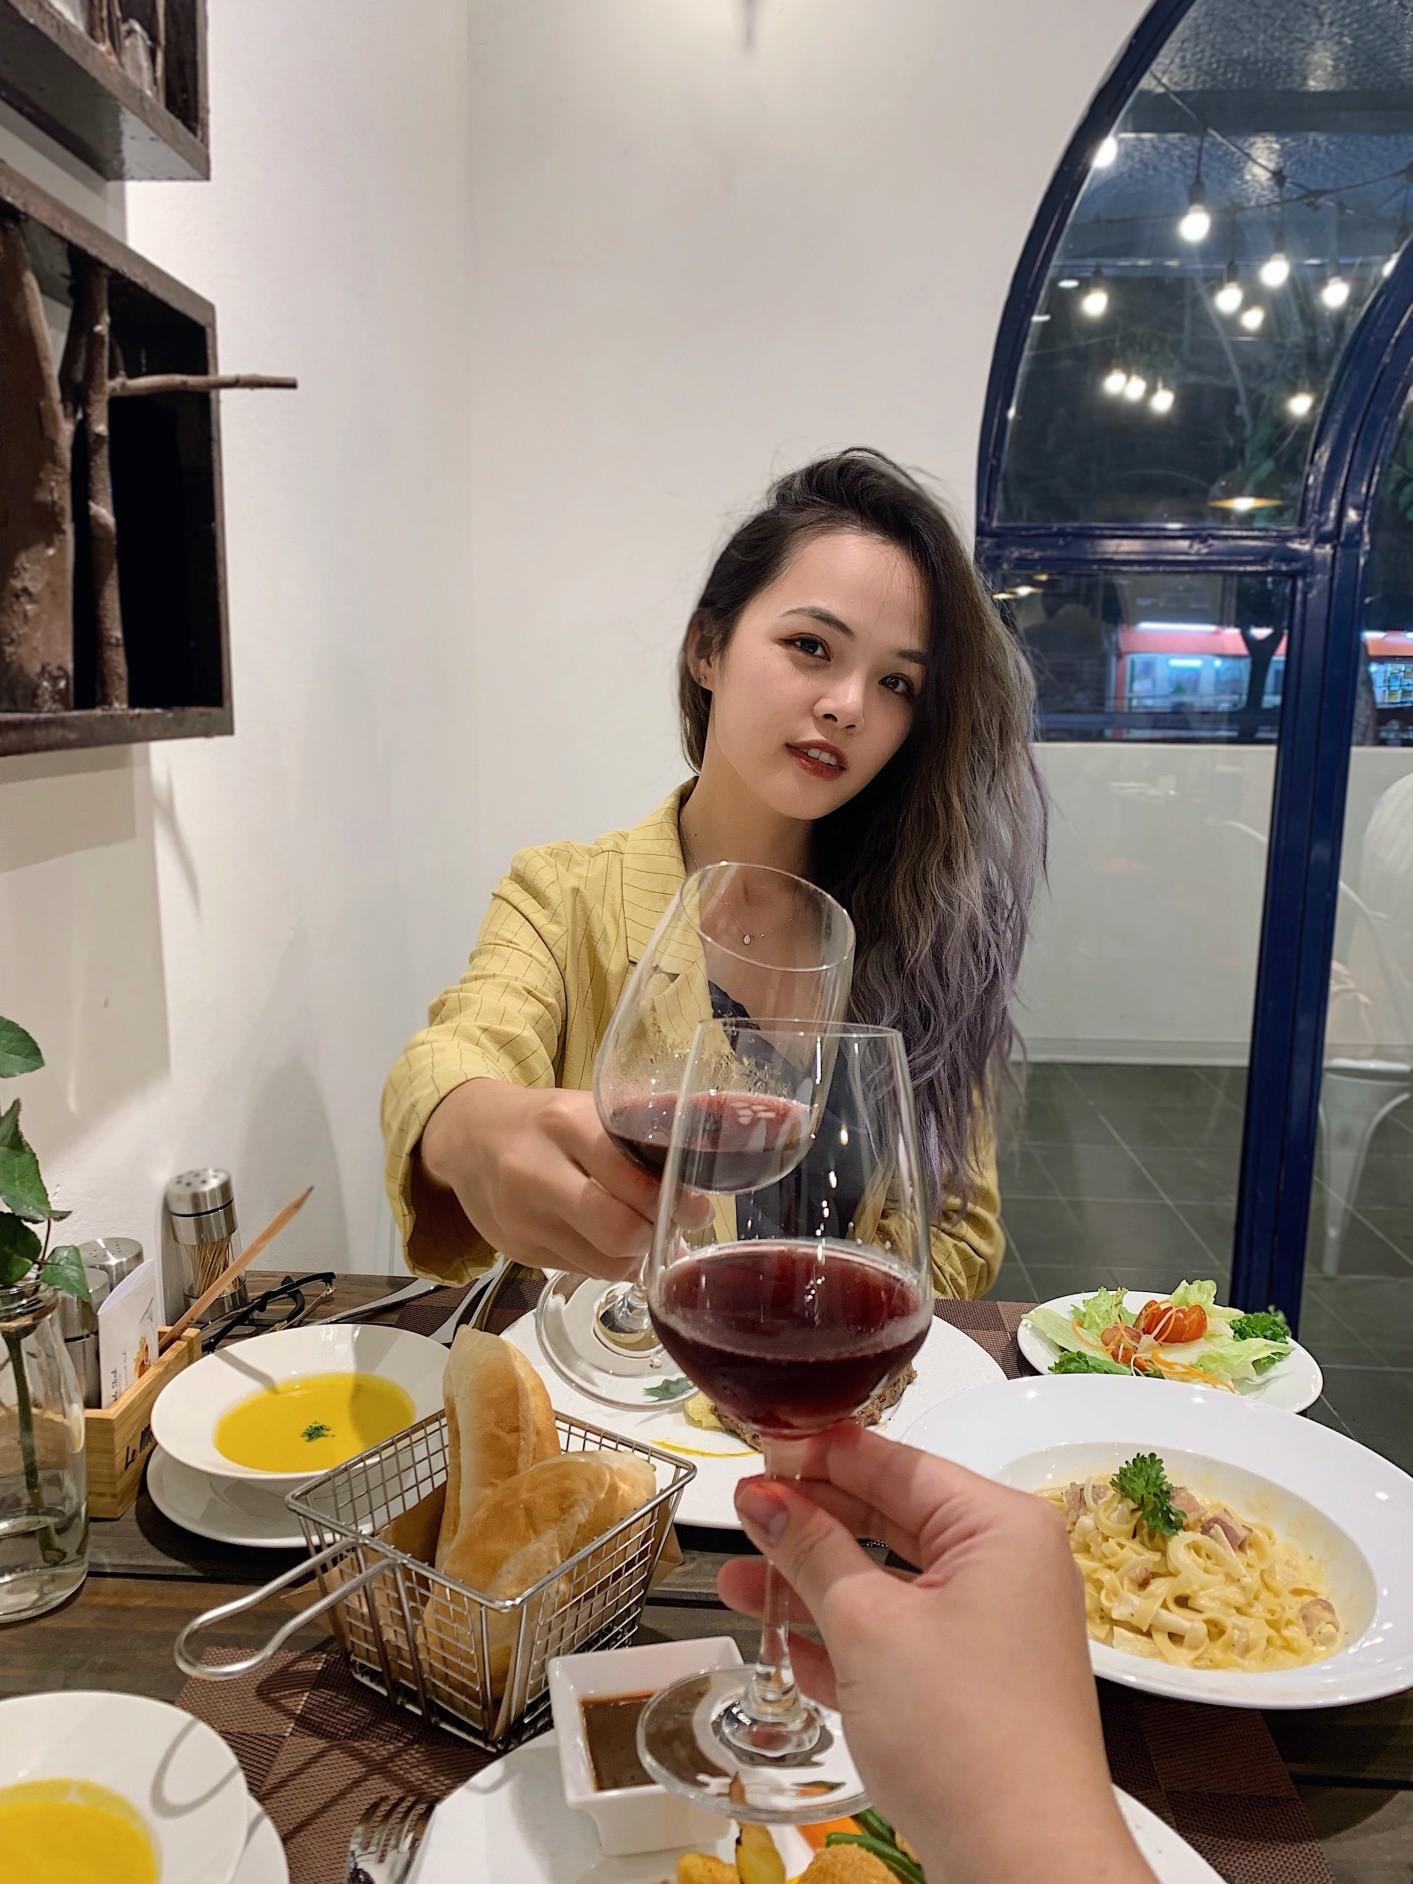 Có gì ở quán steak kiểu Pháp mà Heominhon, Kiên Hoàng, Trang Nhím Tròn… đều kéo nhau checkin rần rần? - Ảnh 4.